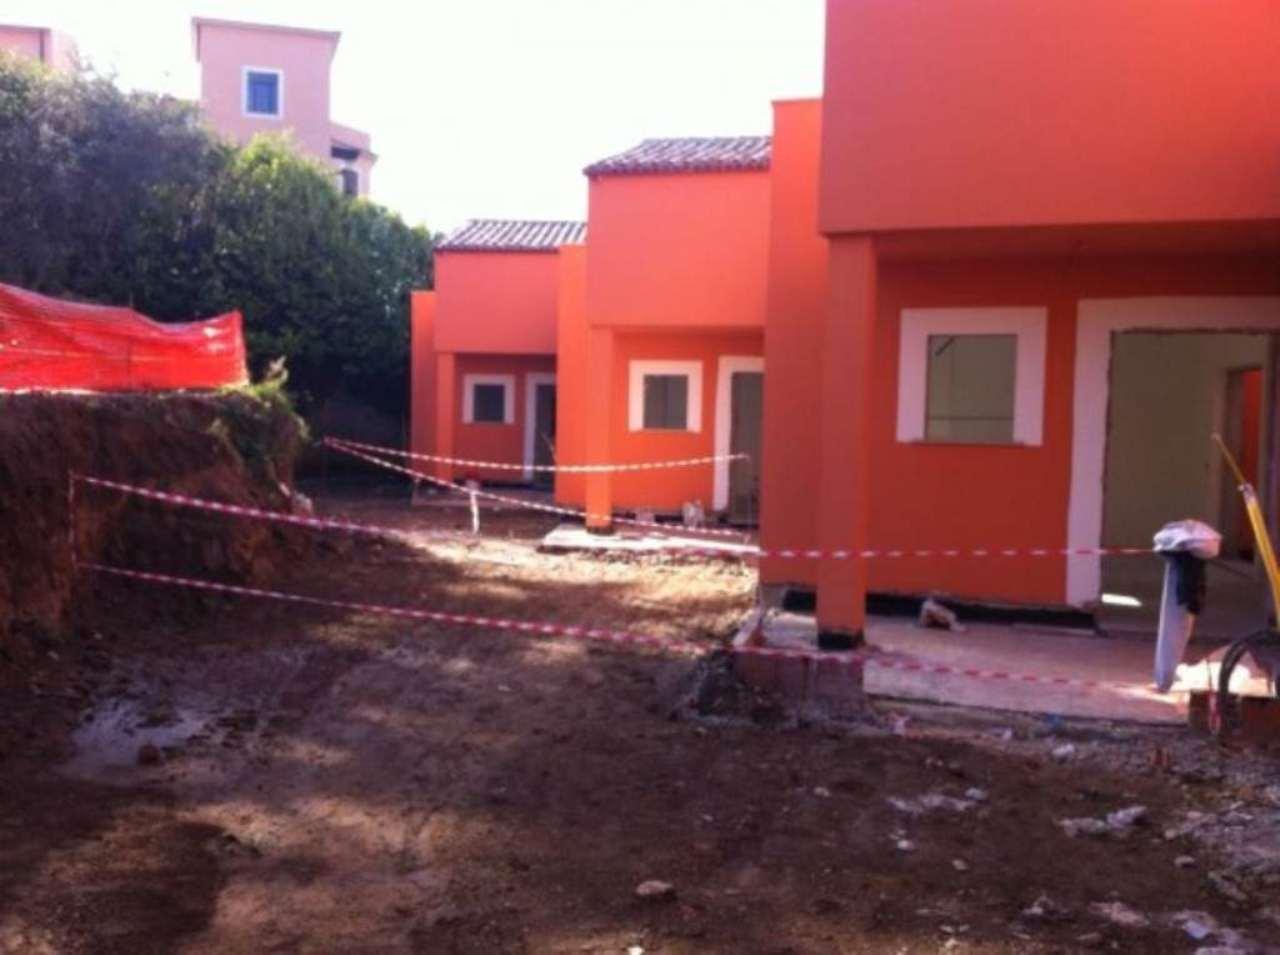 Villa a Schiera in vendita a Morlupo, 4 locali, prezzo € 250.000 | CambioCasa.it